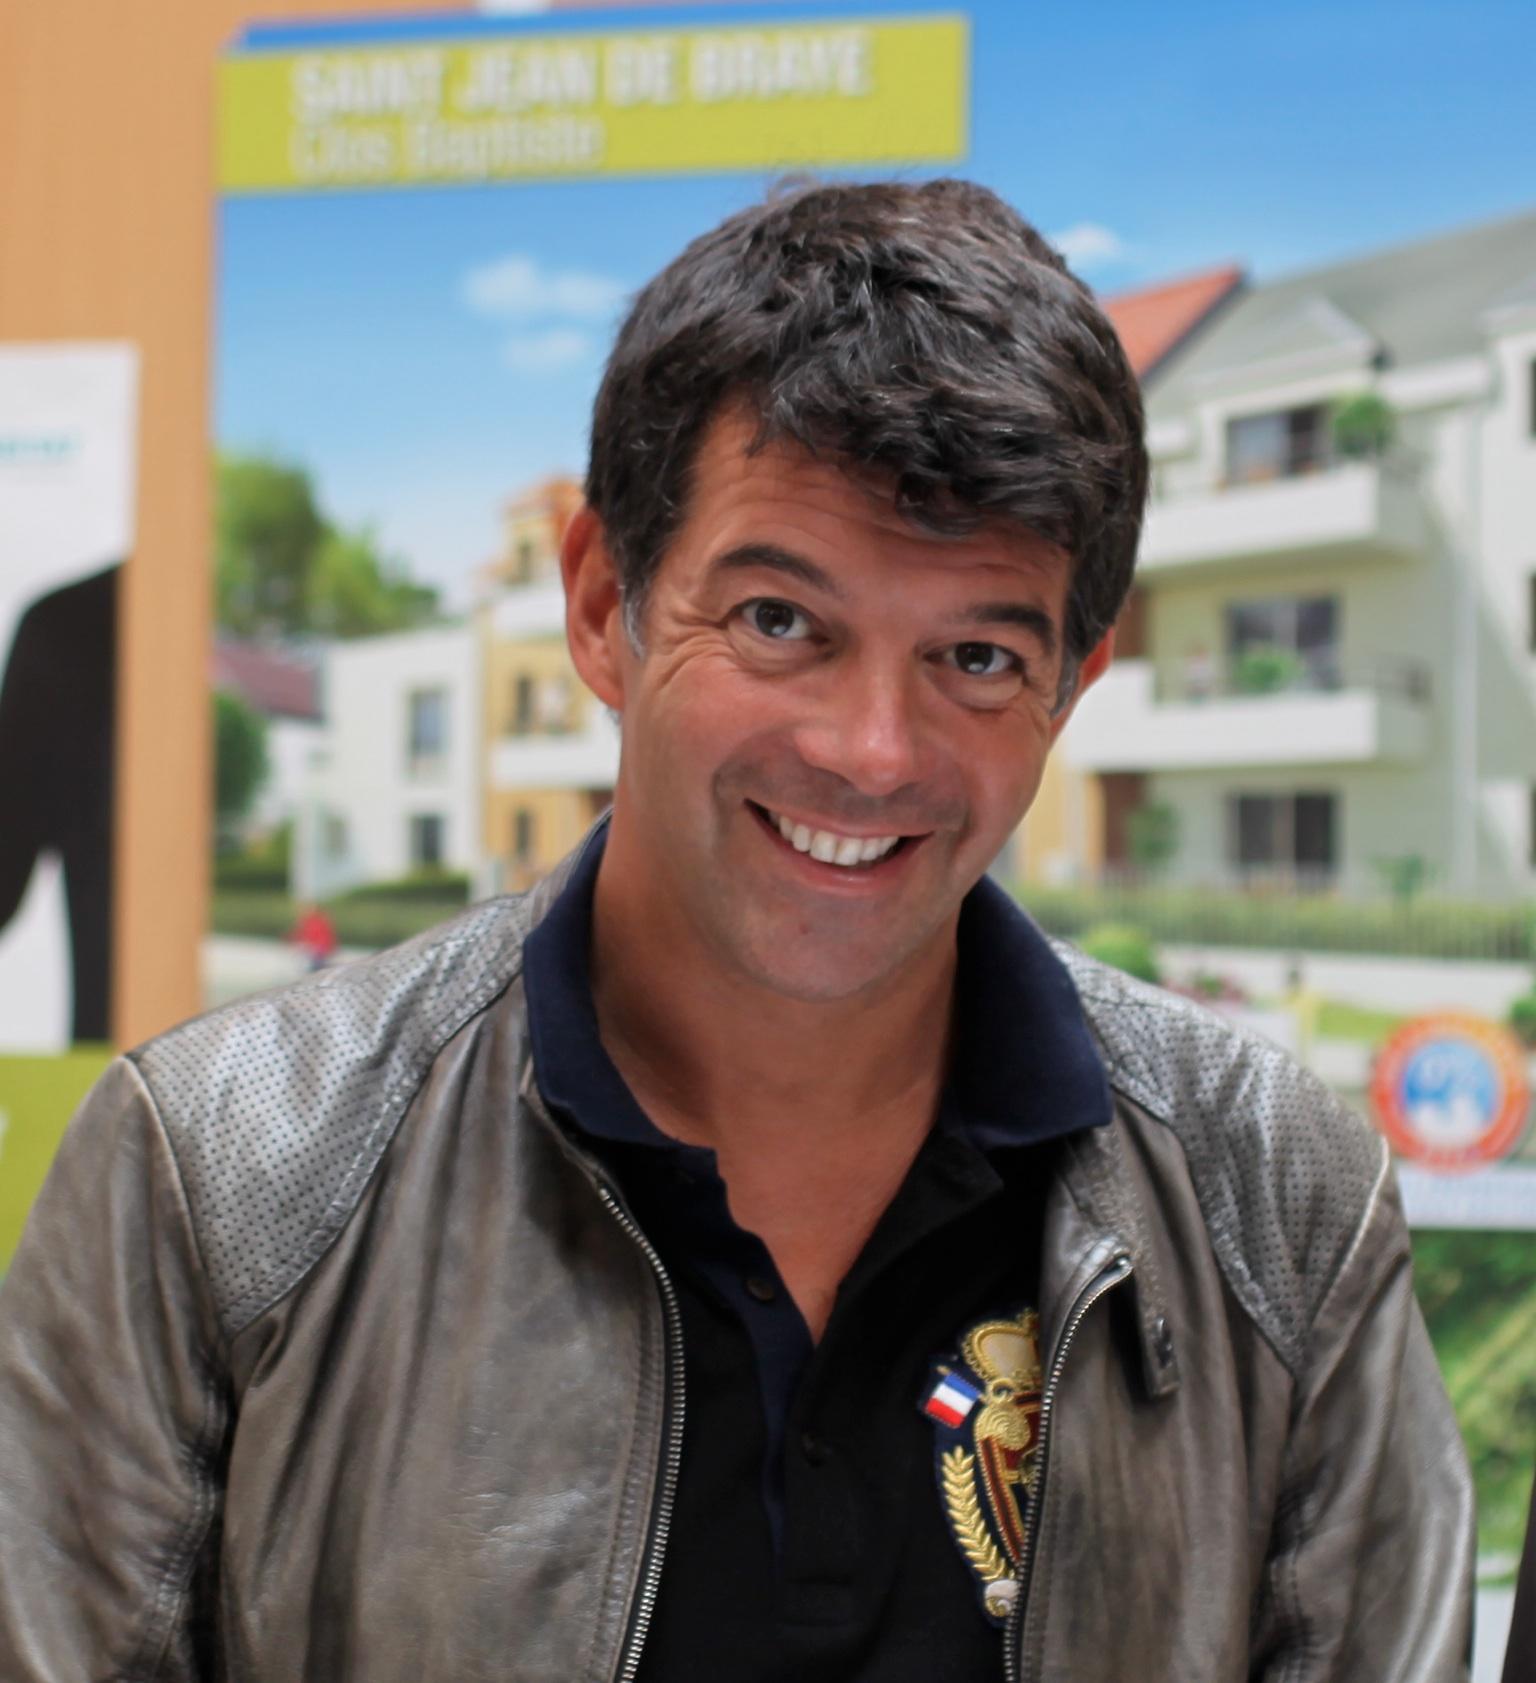 photo : Stéphane Plaza, l'agent immobilier vedette de M6